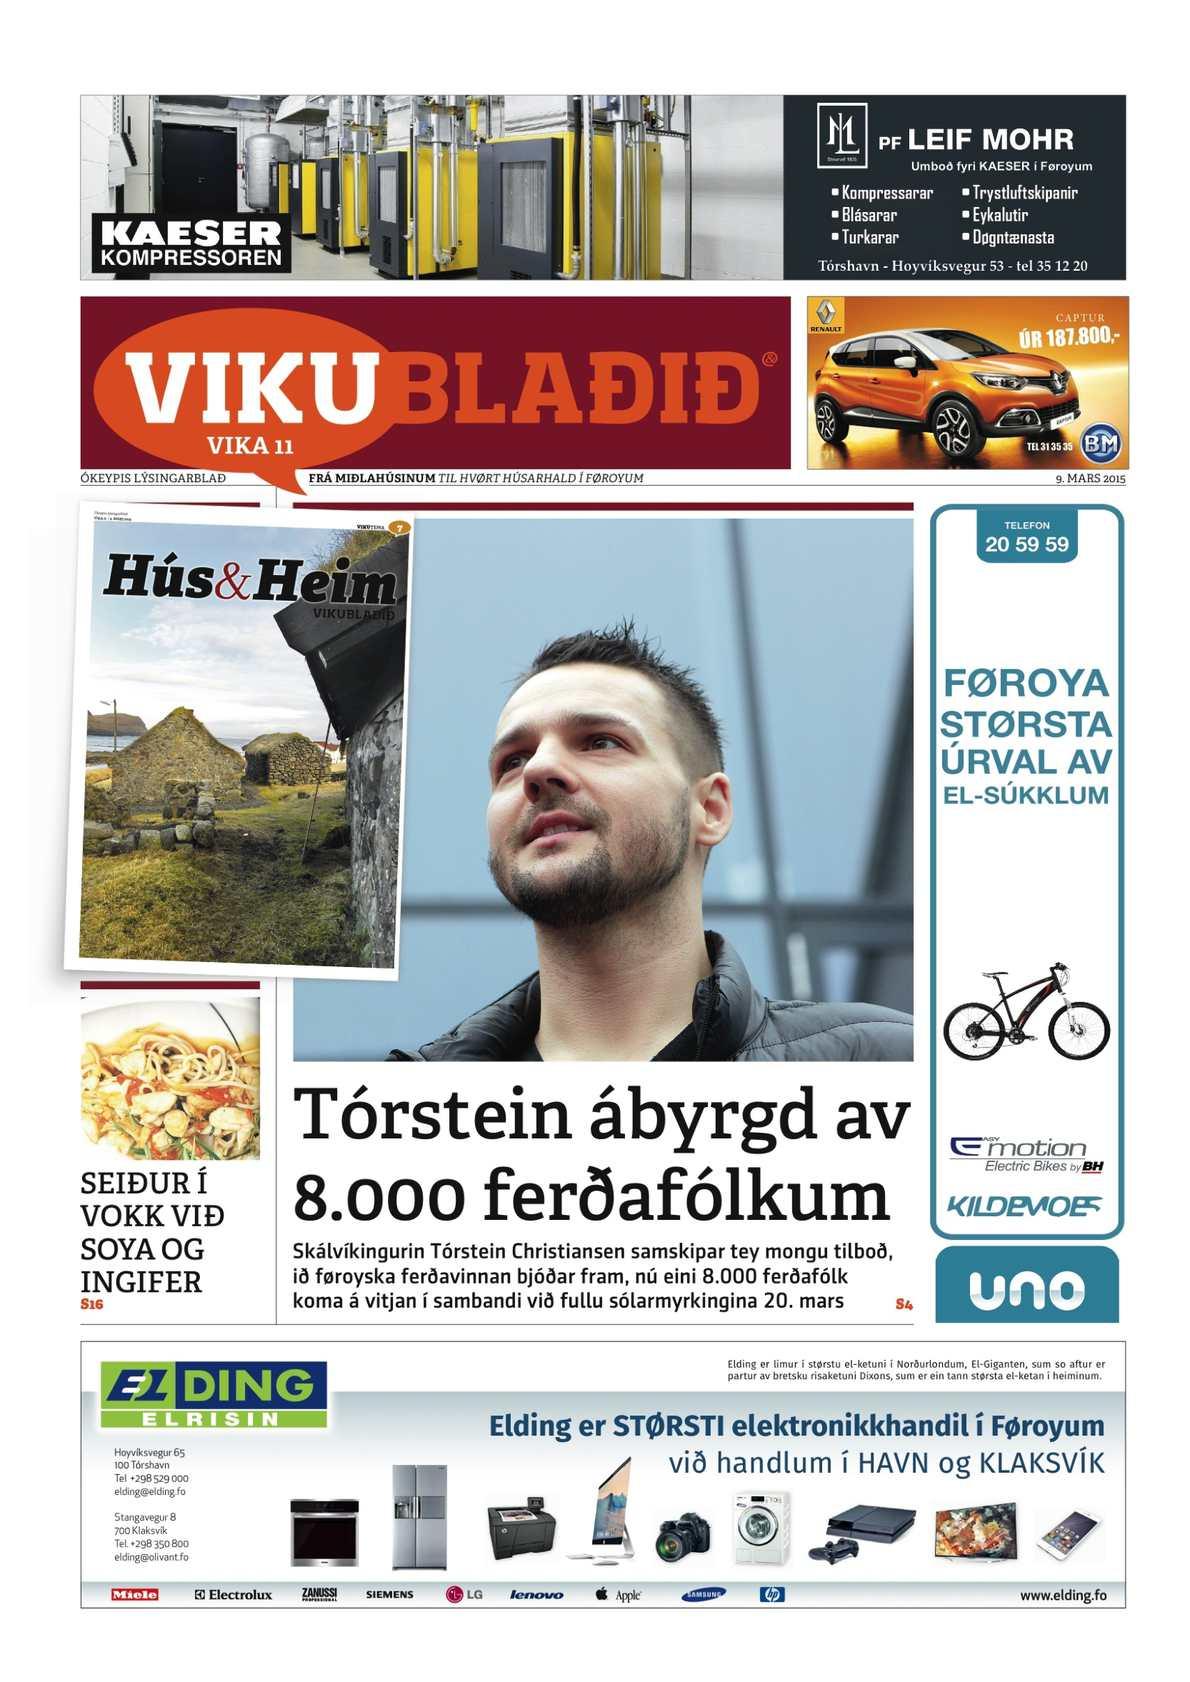 Vikublaðið 9. marts 2015